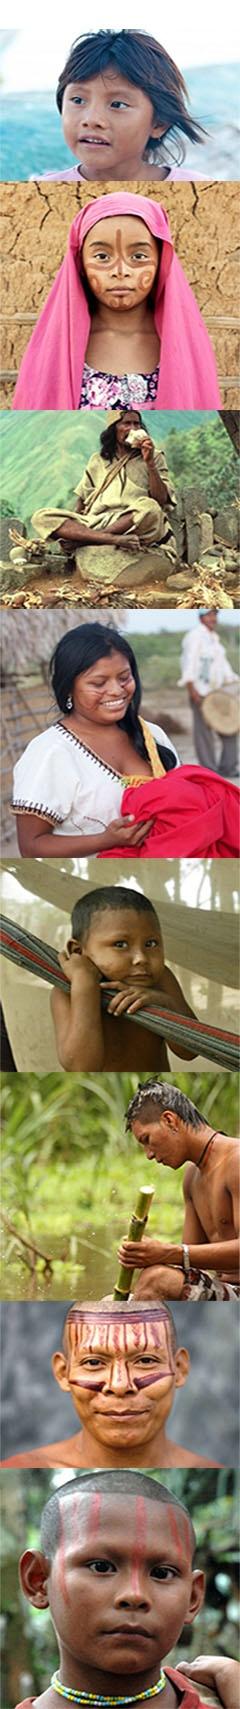 Las caras de #Colombia/The faces of Colombia. Una selección de las 106 hermosas tribus indígenas de #Colombia. Los Wayuu, Los Arhuaco y los Nukak